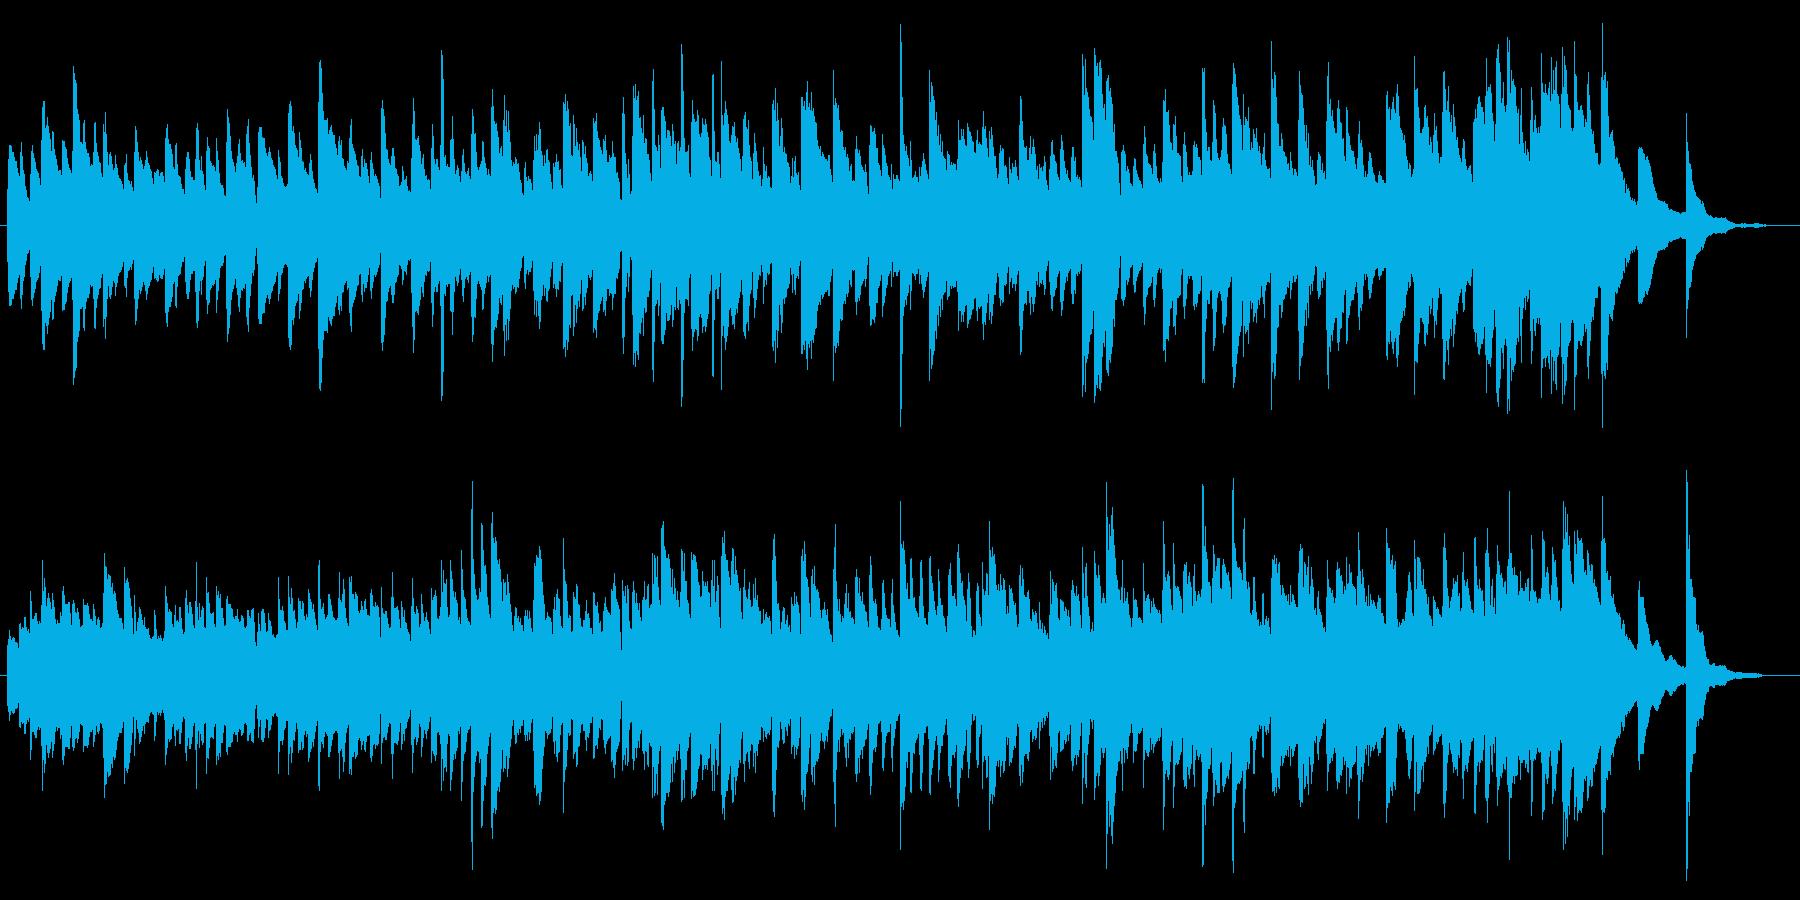 予期せぬことが起こりそうなピアノソロの再生済みの波形